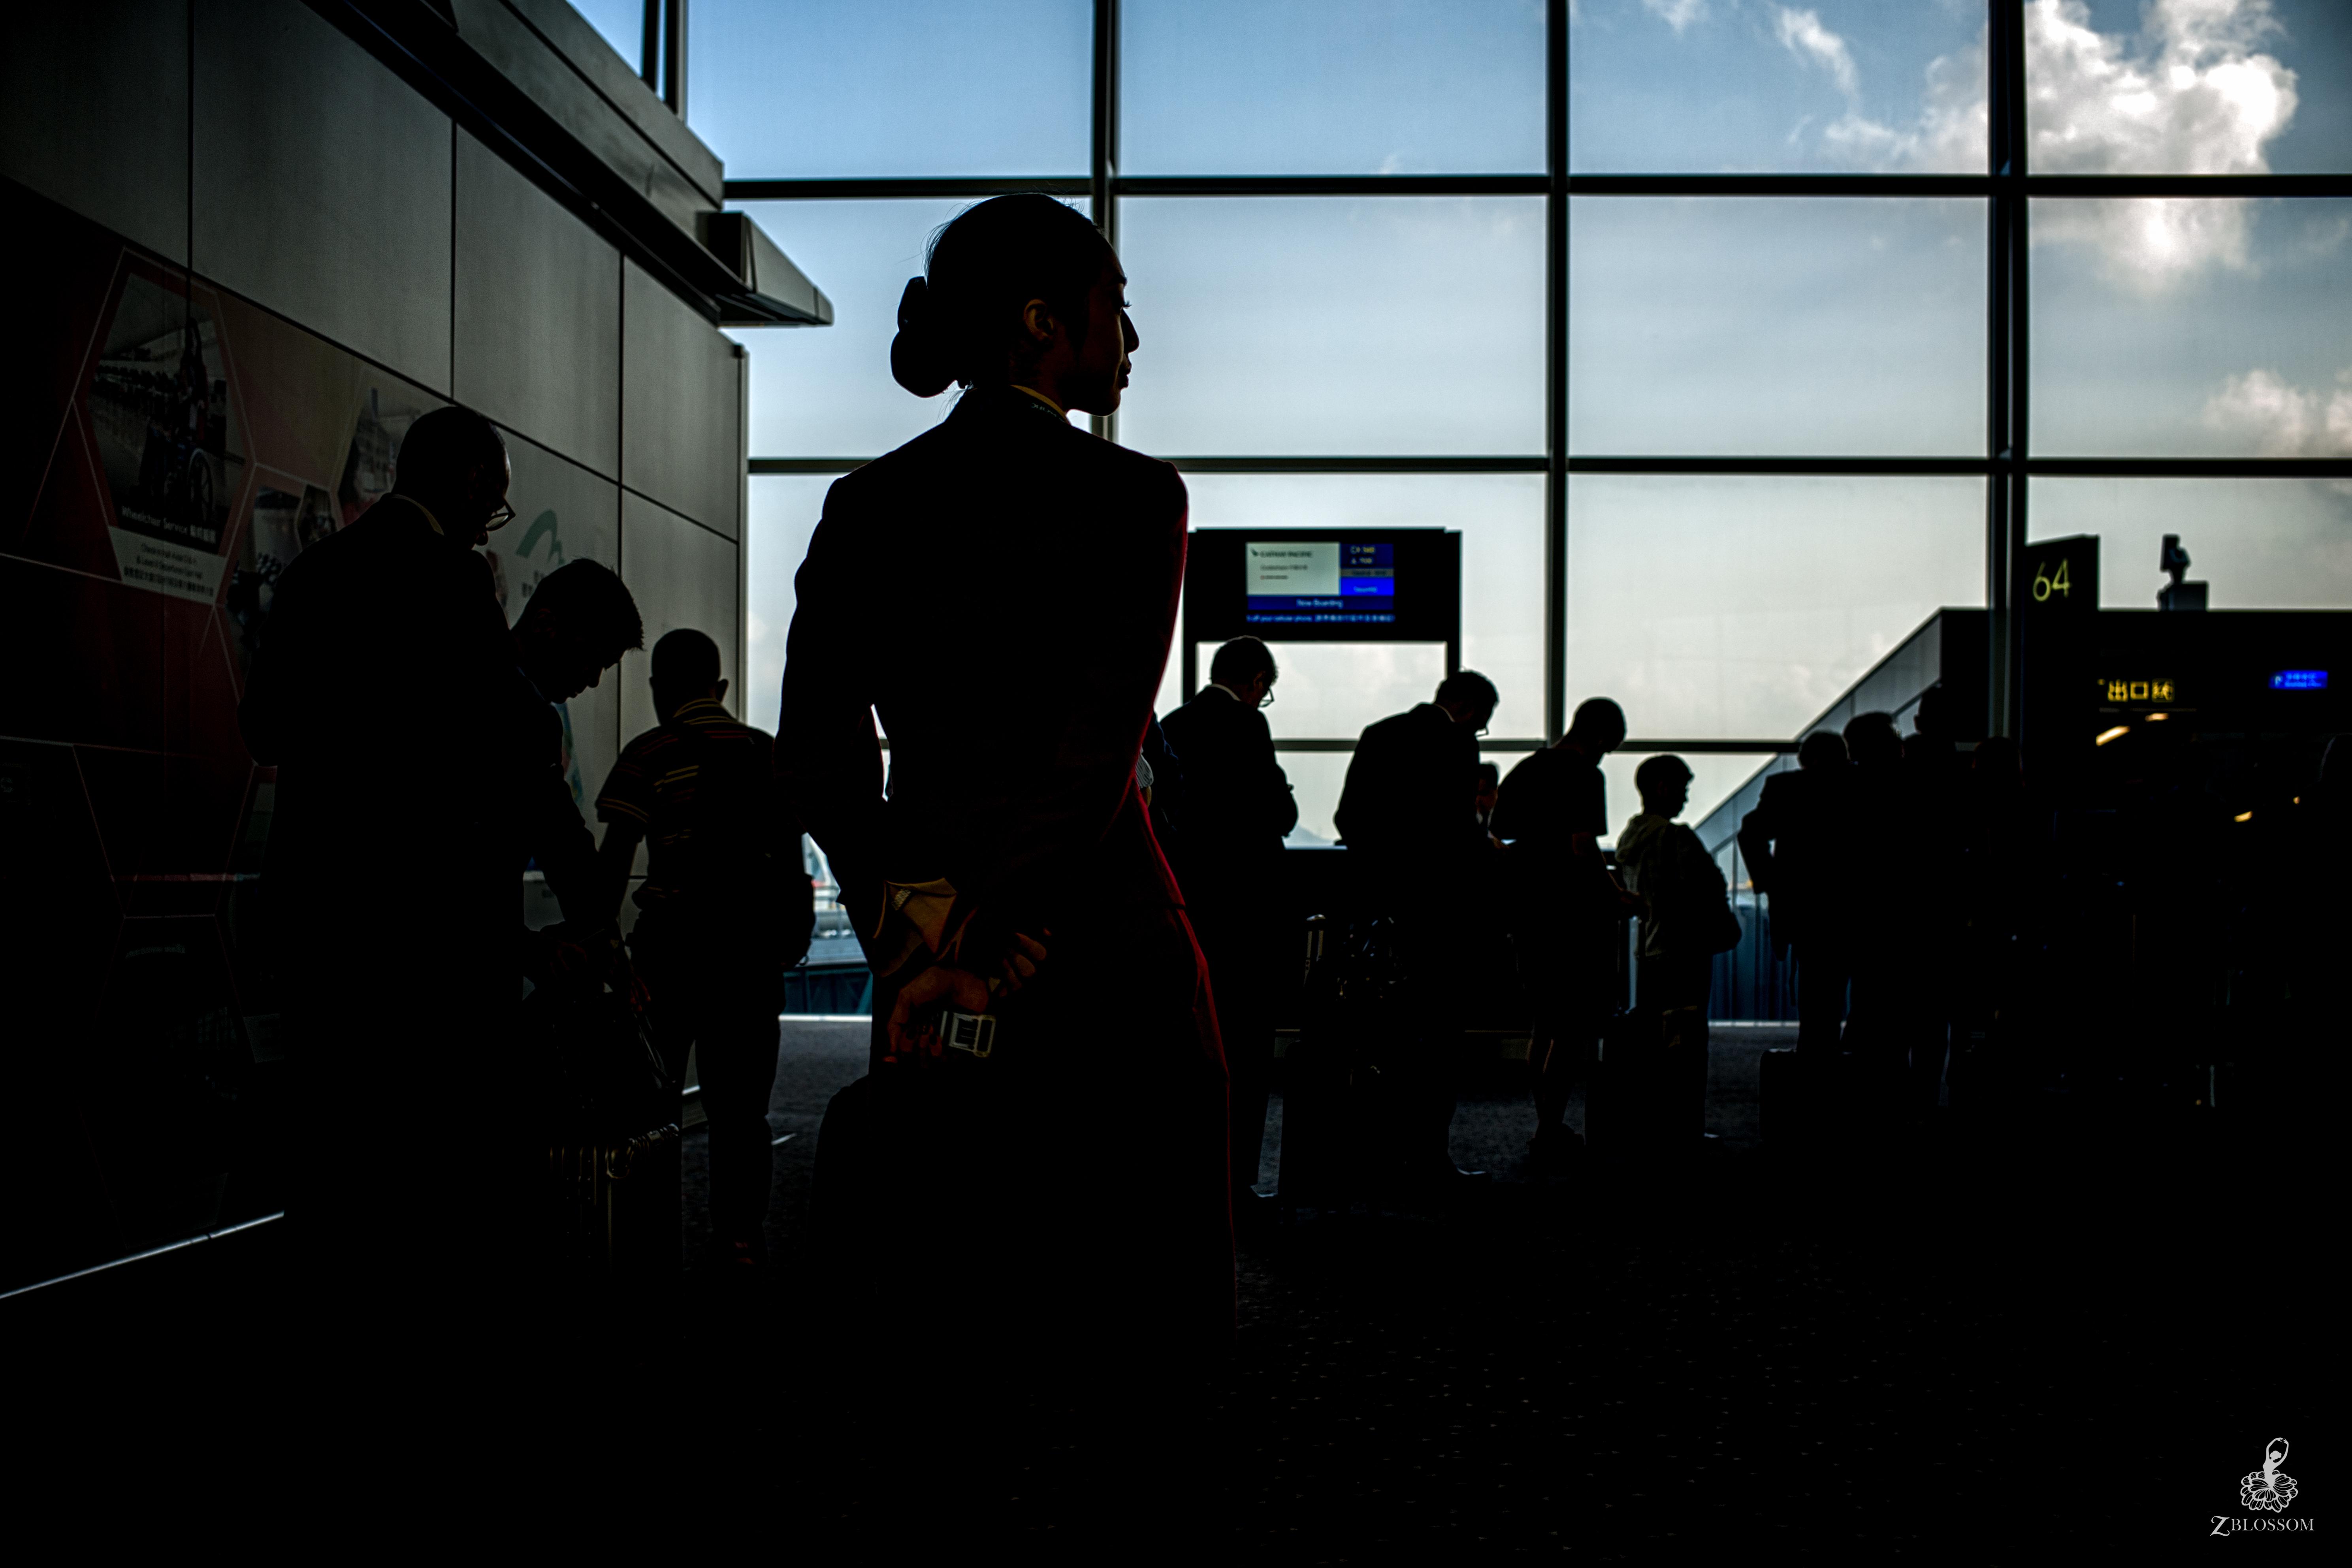 HK airport 170919-2